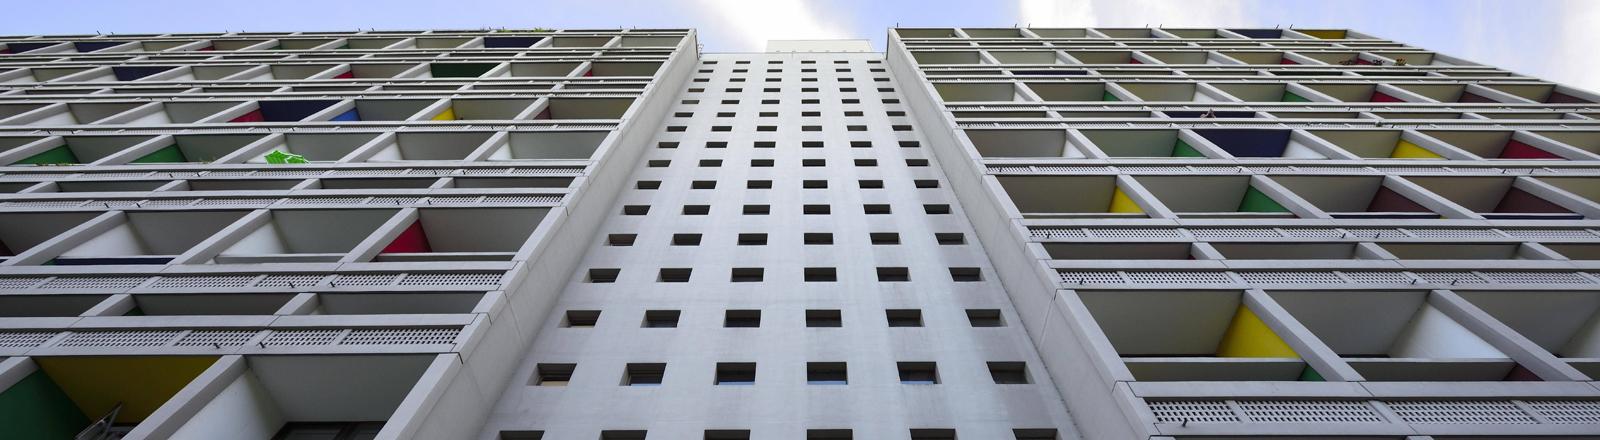 Wohnmaschine des Architekten Le Corbusier in Briey